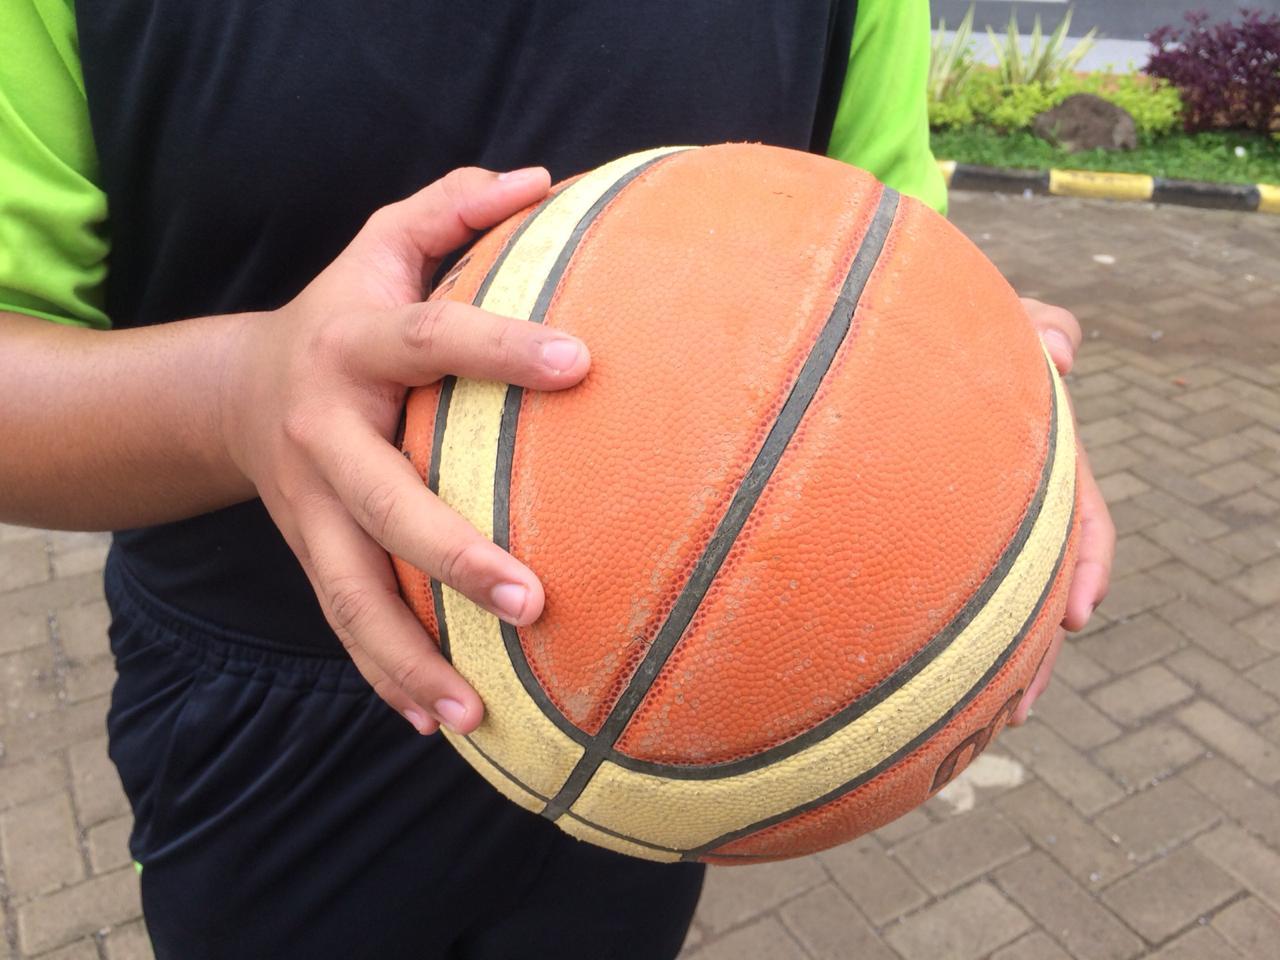 Teknik Dasar Passing Dan Dribbling Permainan Bola Basket Untuk Pembelajaran Siswa Sma Smk Ma